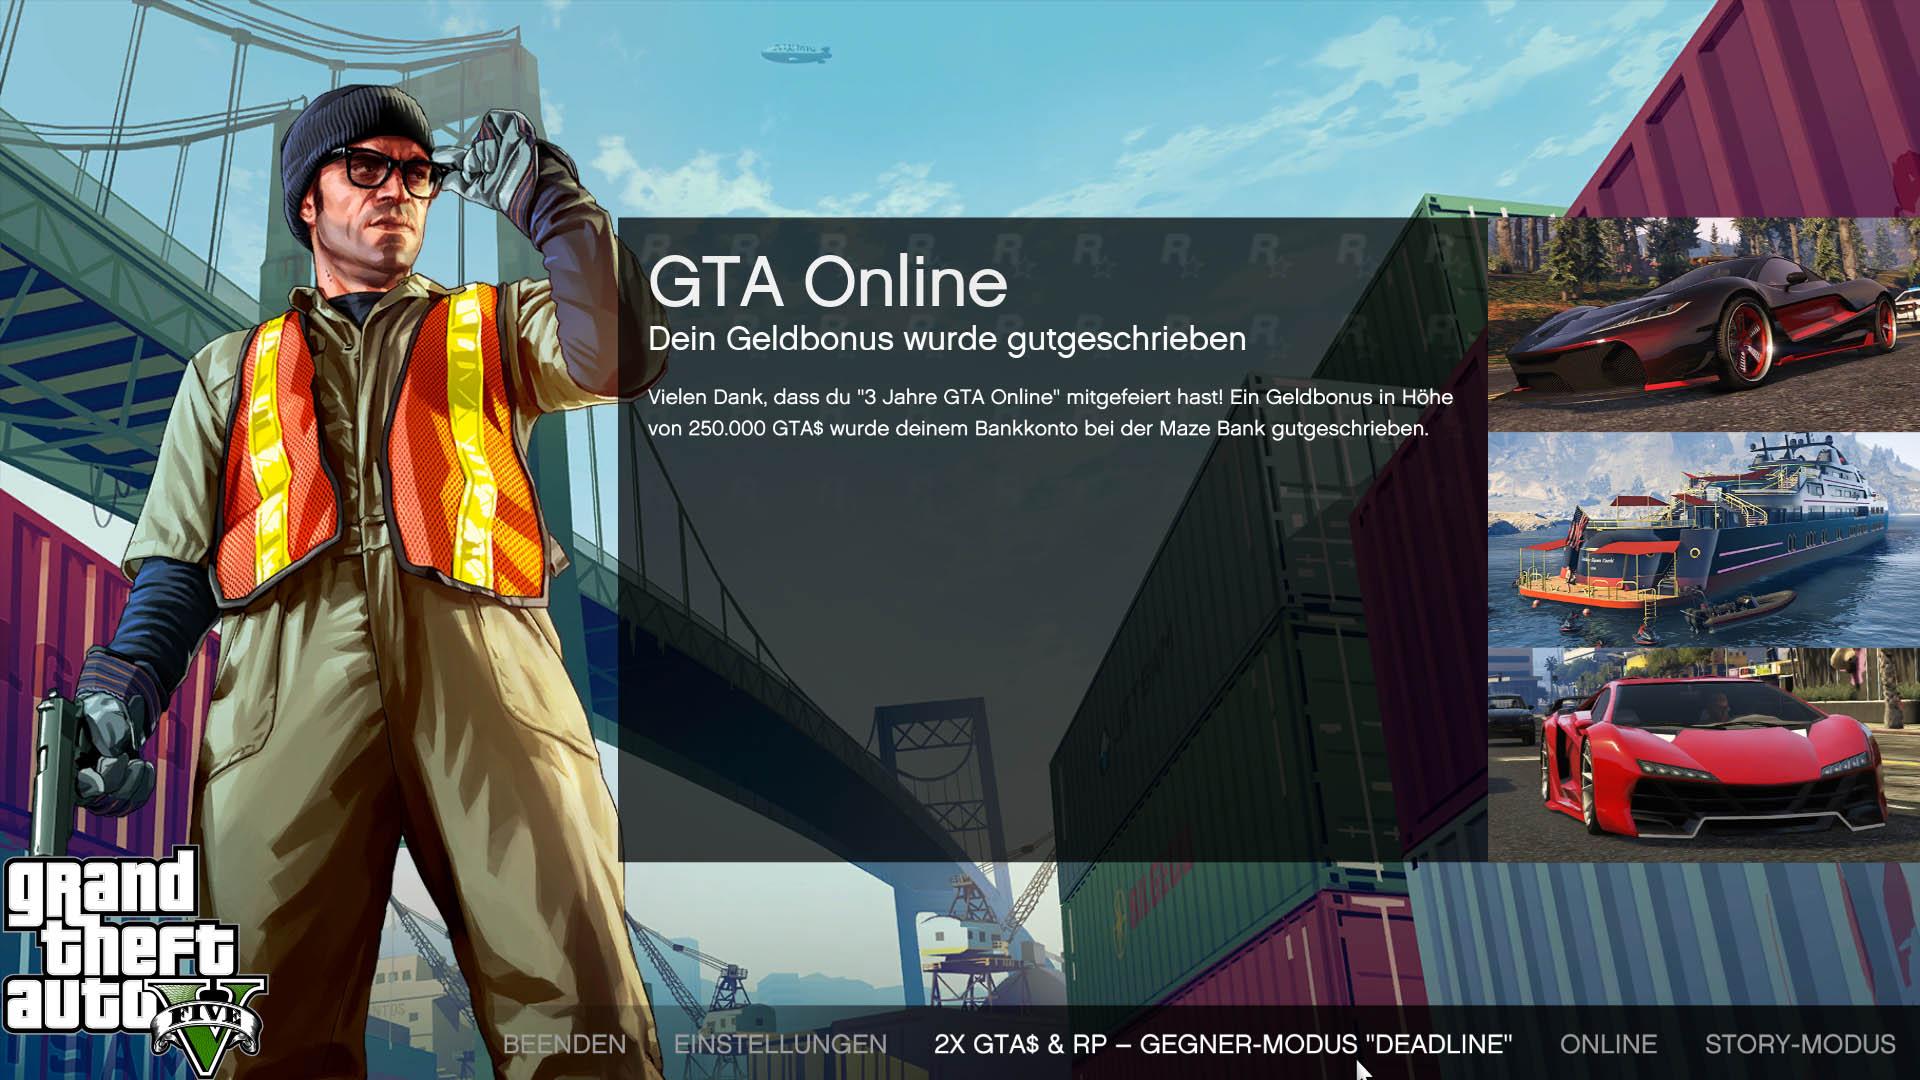 gta 5 wie online spielen